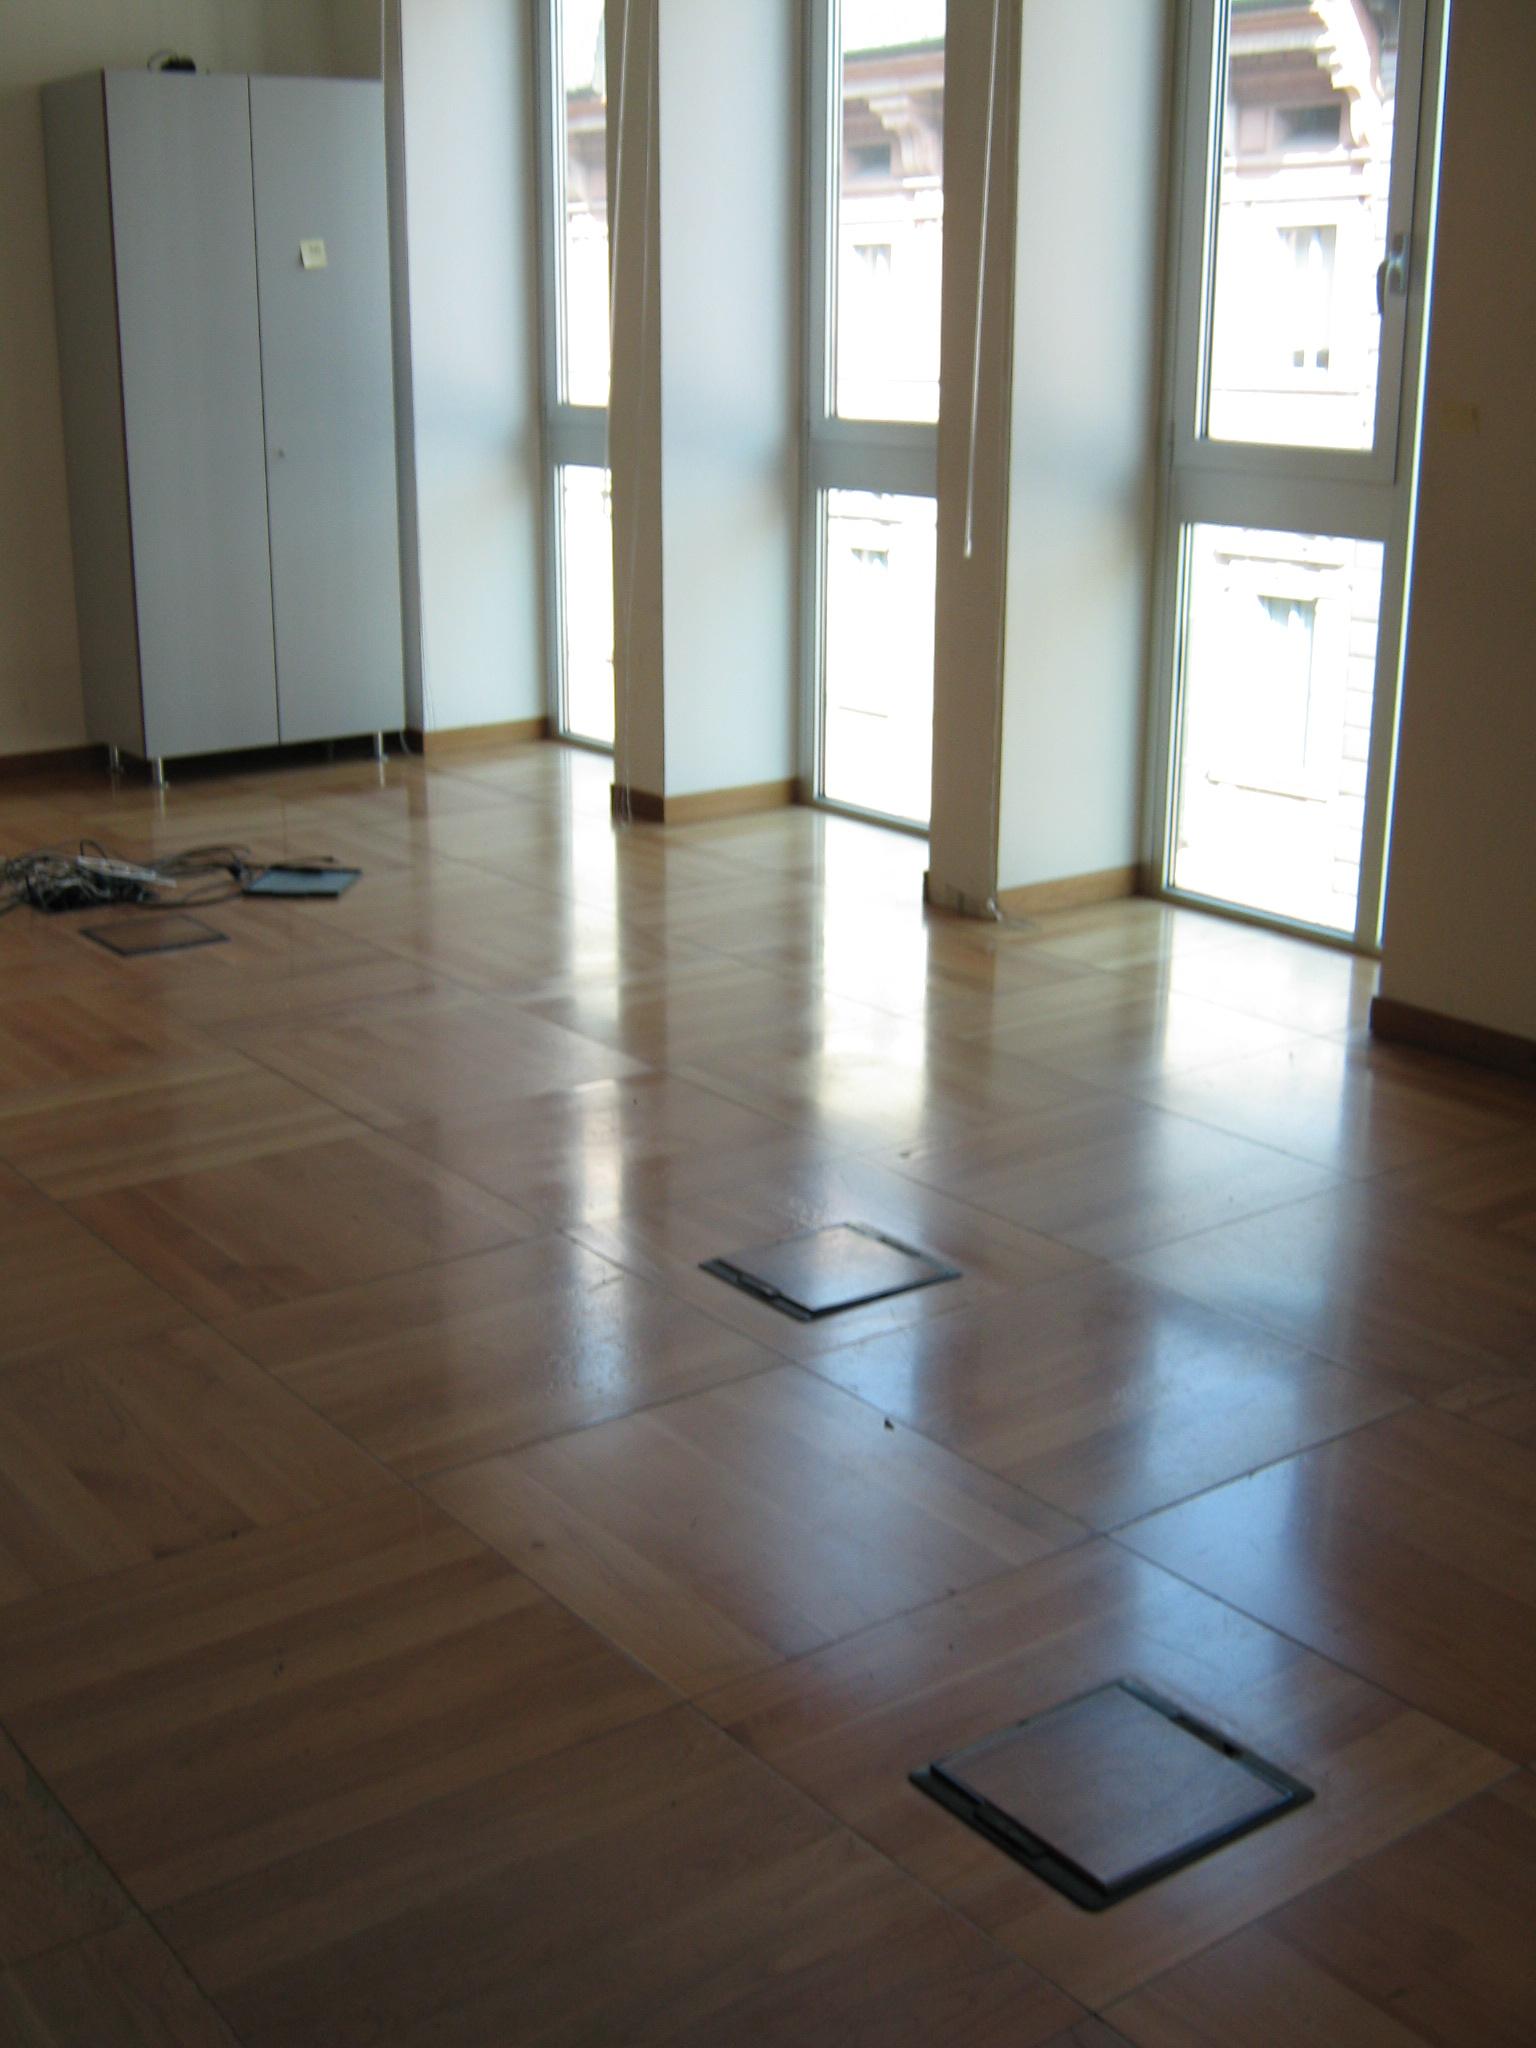 2. Locale ufficio con pavimento galleggiante in parquet di doghe in legno disposte a quadri regolari: stato di fatto.